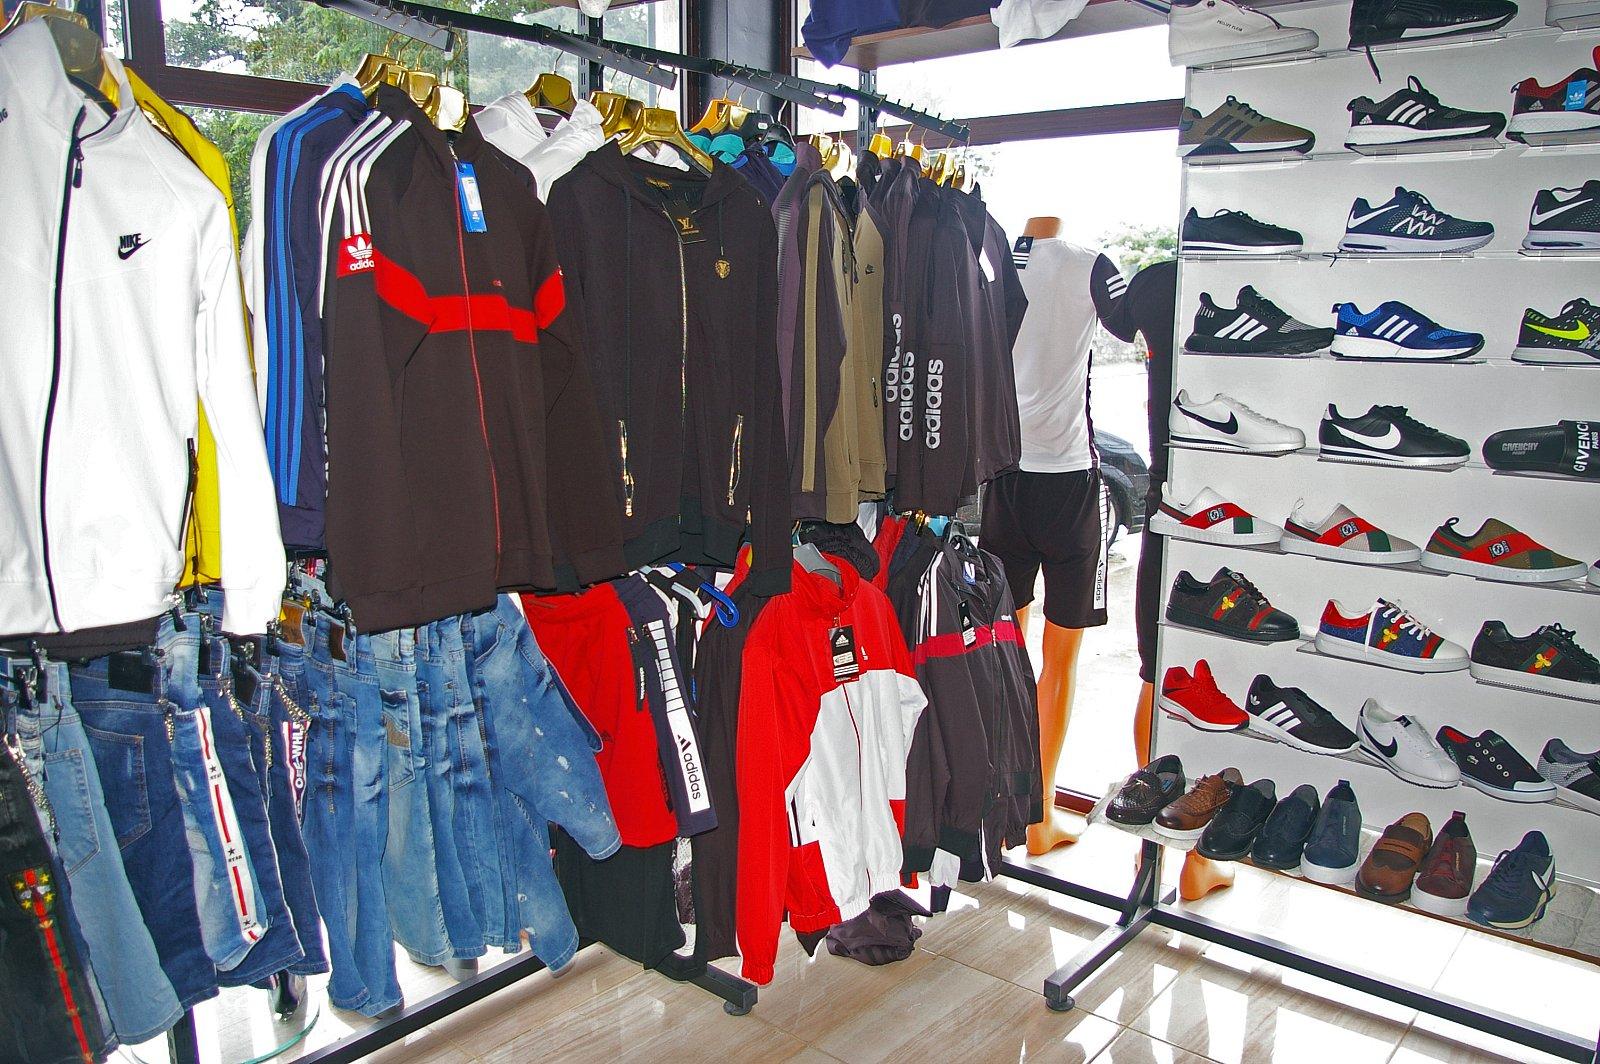 46778fe4ac8 Близо 150 стоки менте иззеха от магазин в Боровец | СамокоВест